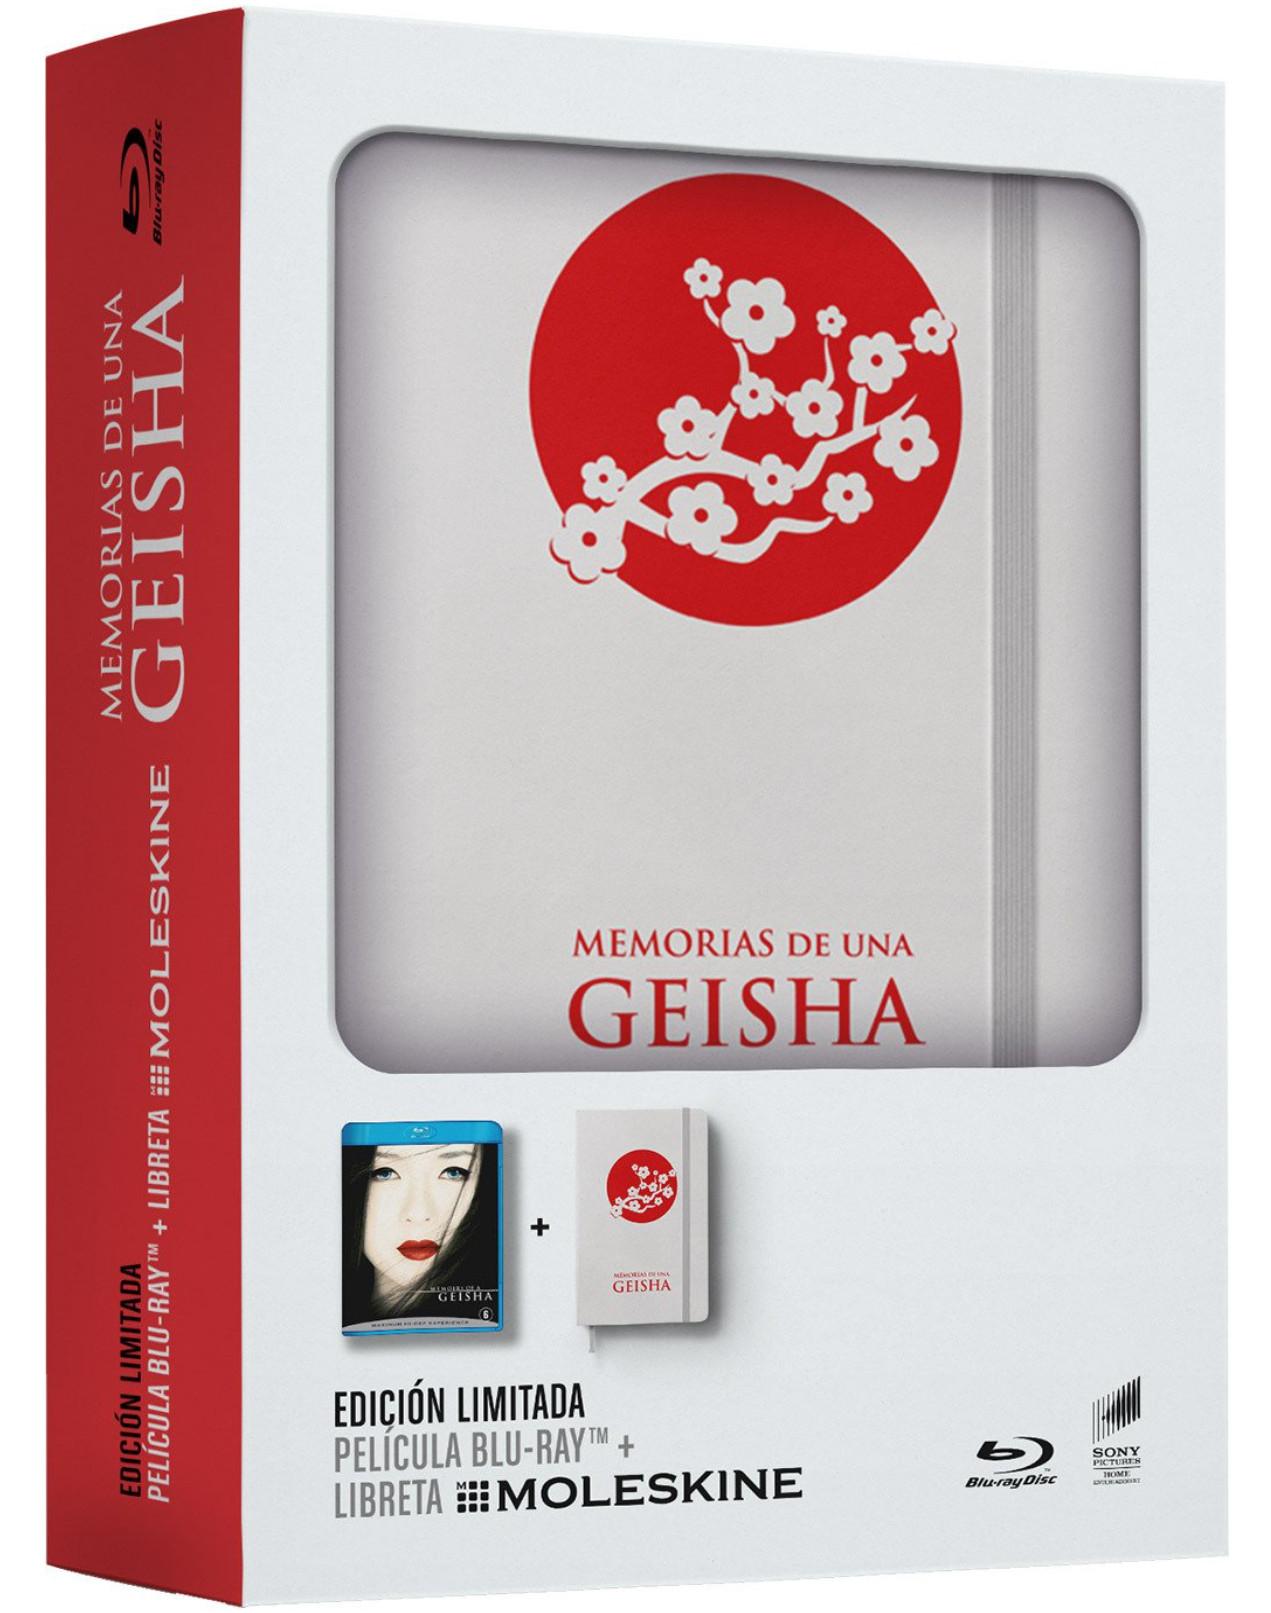 Amazon y Fnac: Memorias De Una Geisha Blu-ray + Libreta Moleskine (Edición Limitada)